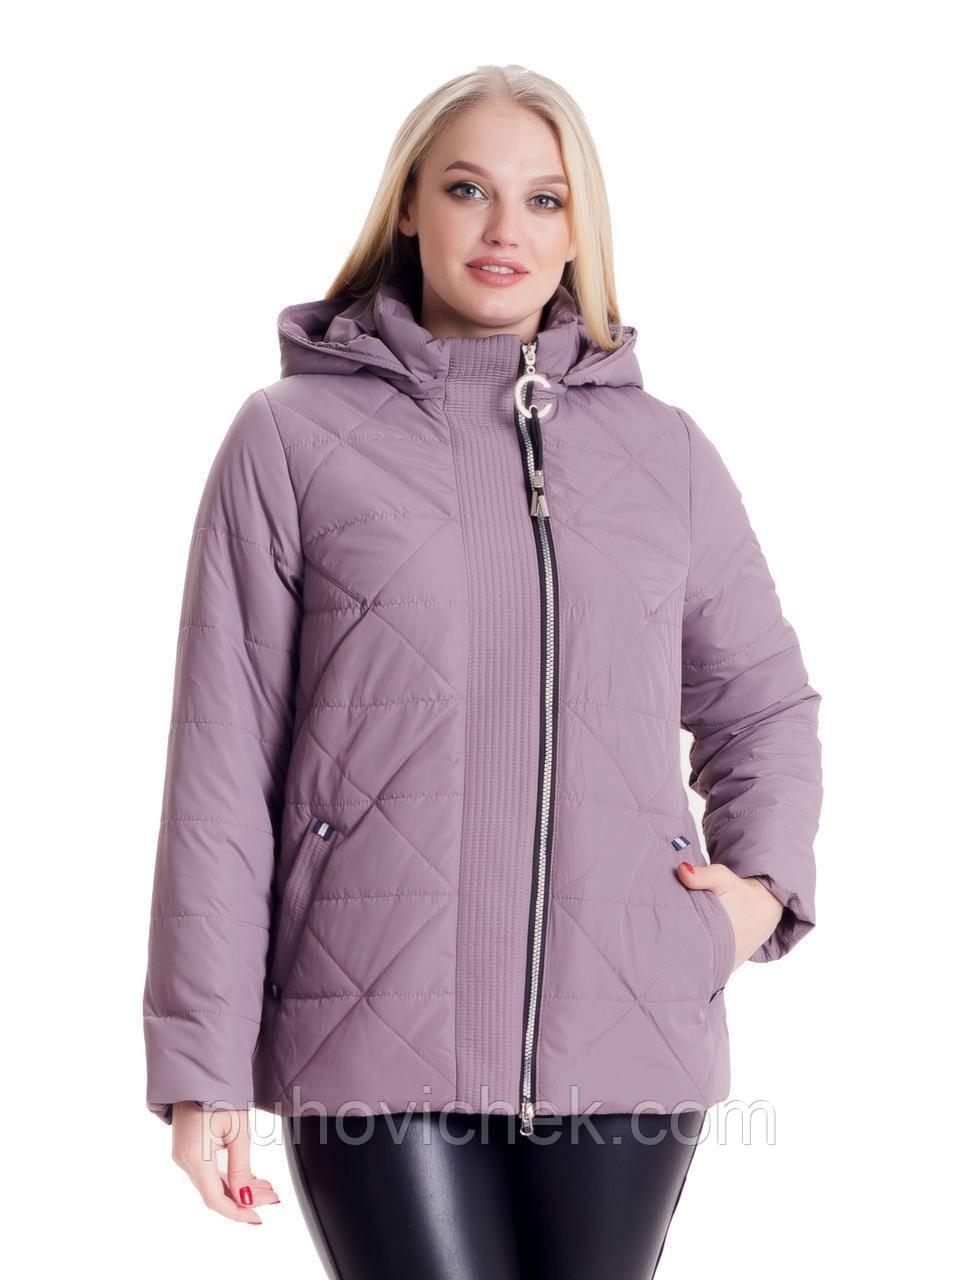 Стильная куртка женская осень размеры 46,48